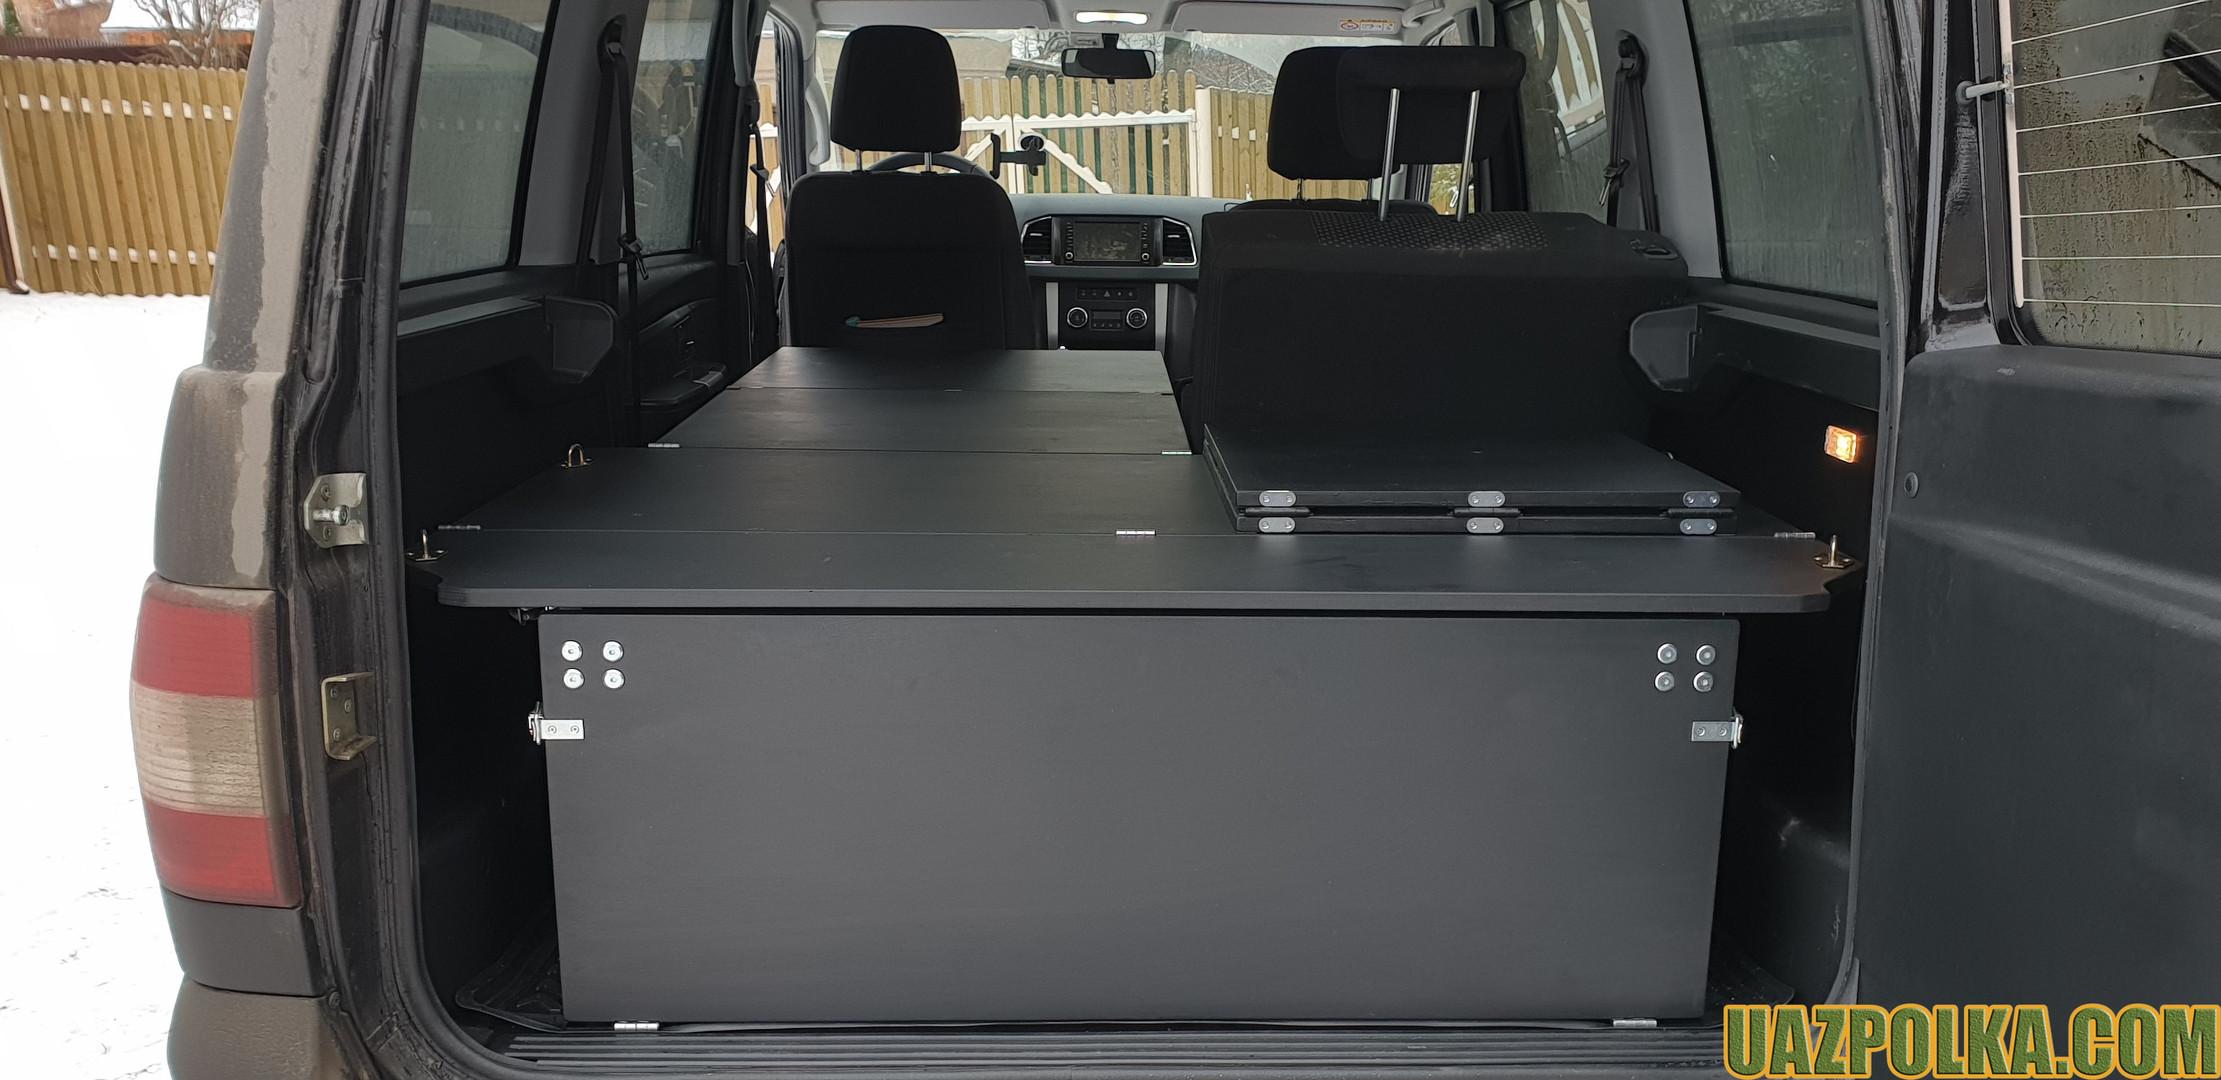 УАЗ Патриот 2019 - ГБО 420 с раздельной